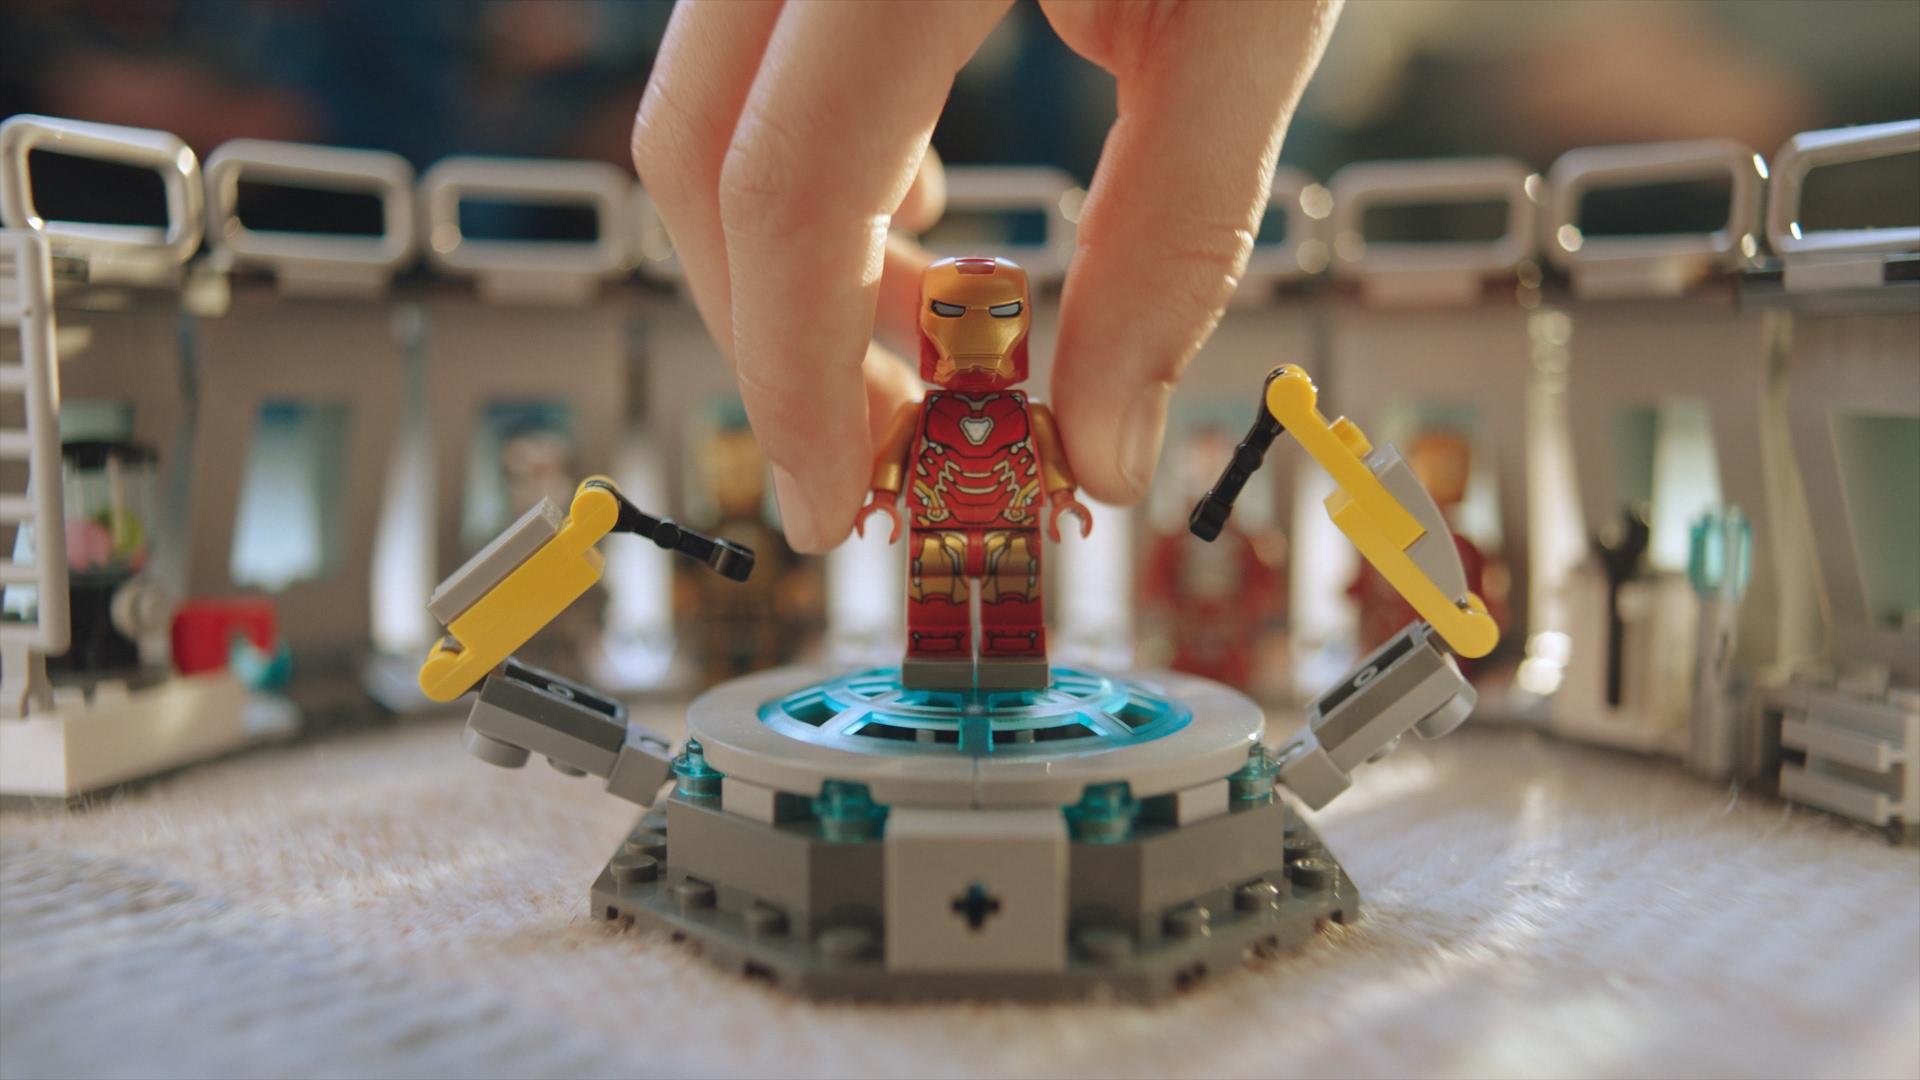 LEGO_SH_Avengers_Cinema_TVC_16_9_1HY19_IN_IT_30s_58107.mov.00_00_16_16.Still004